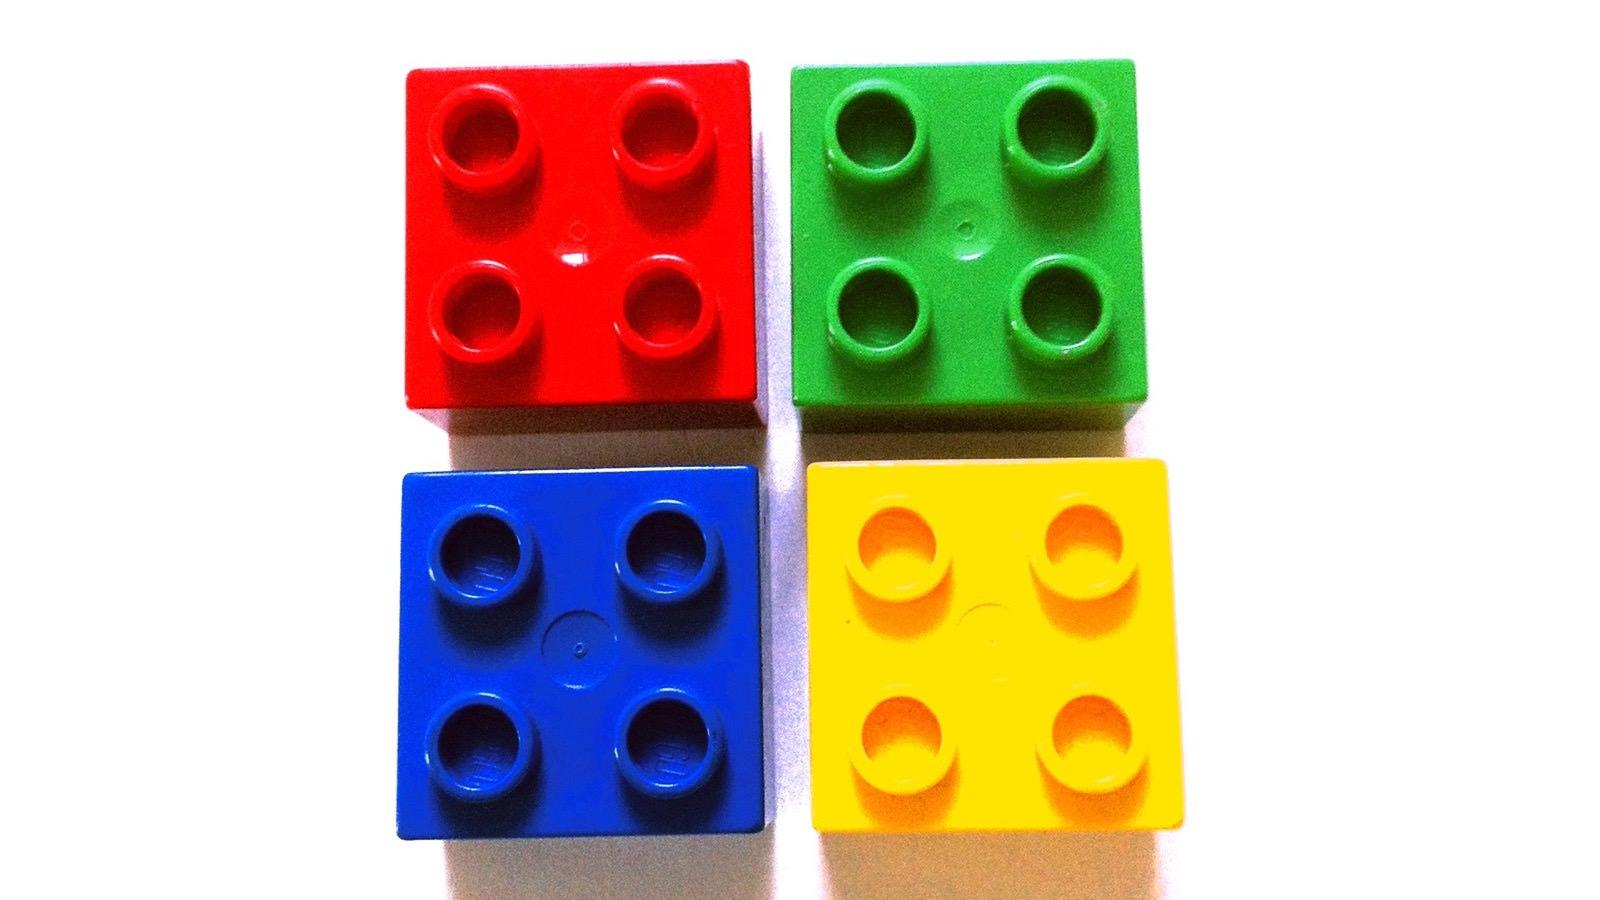 GBG (rot), MWSP (grün), BBS (gelb) und ServiceHaus (blau) bilden die Bausteine der GBG-Unternehmensgruppe   Foto: Joakim Roubert (via Pixabay)